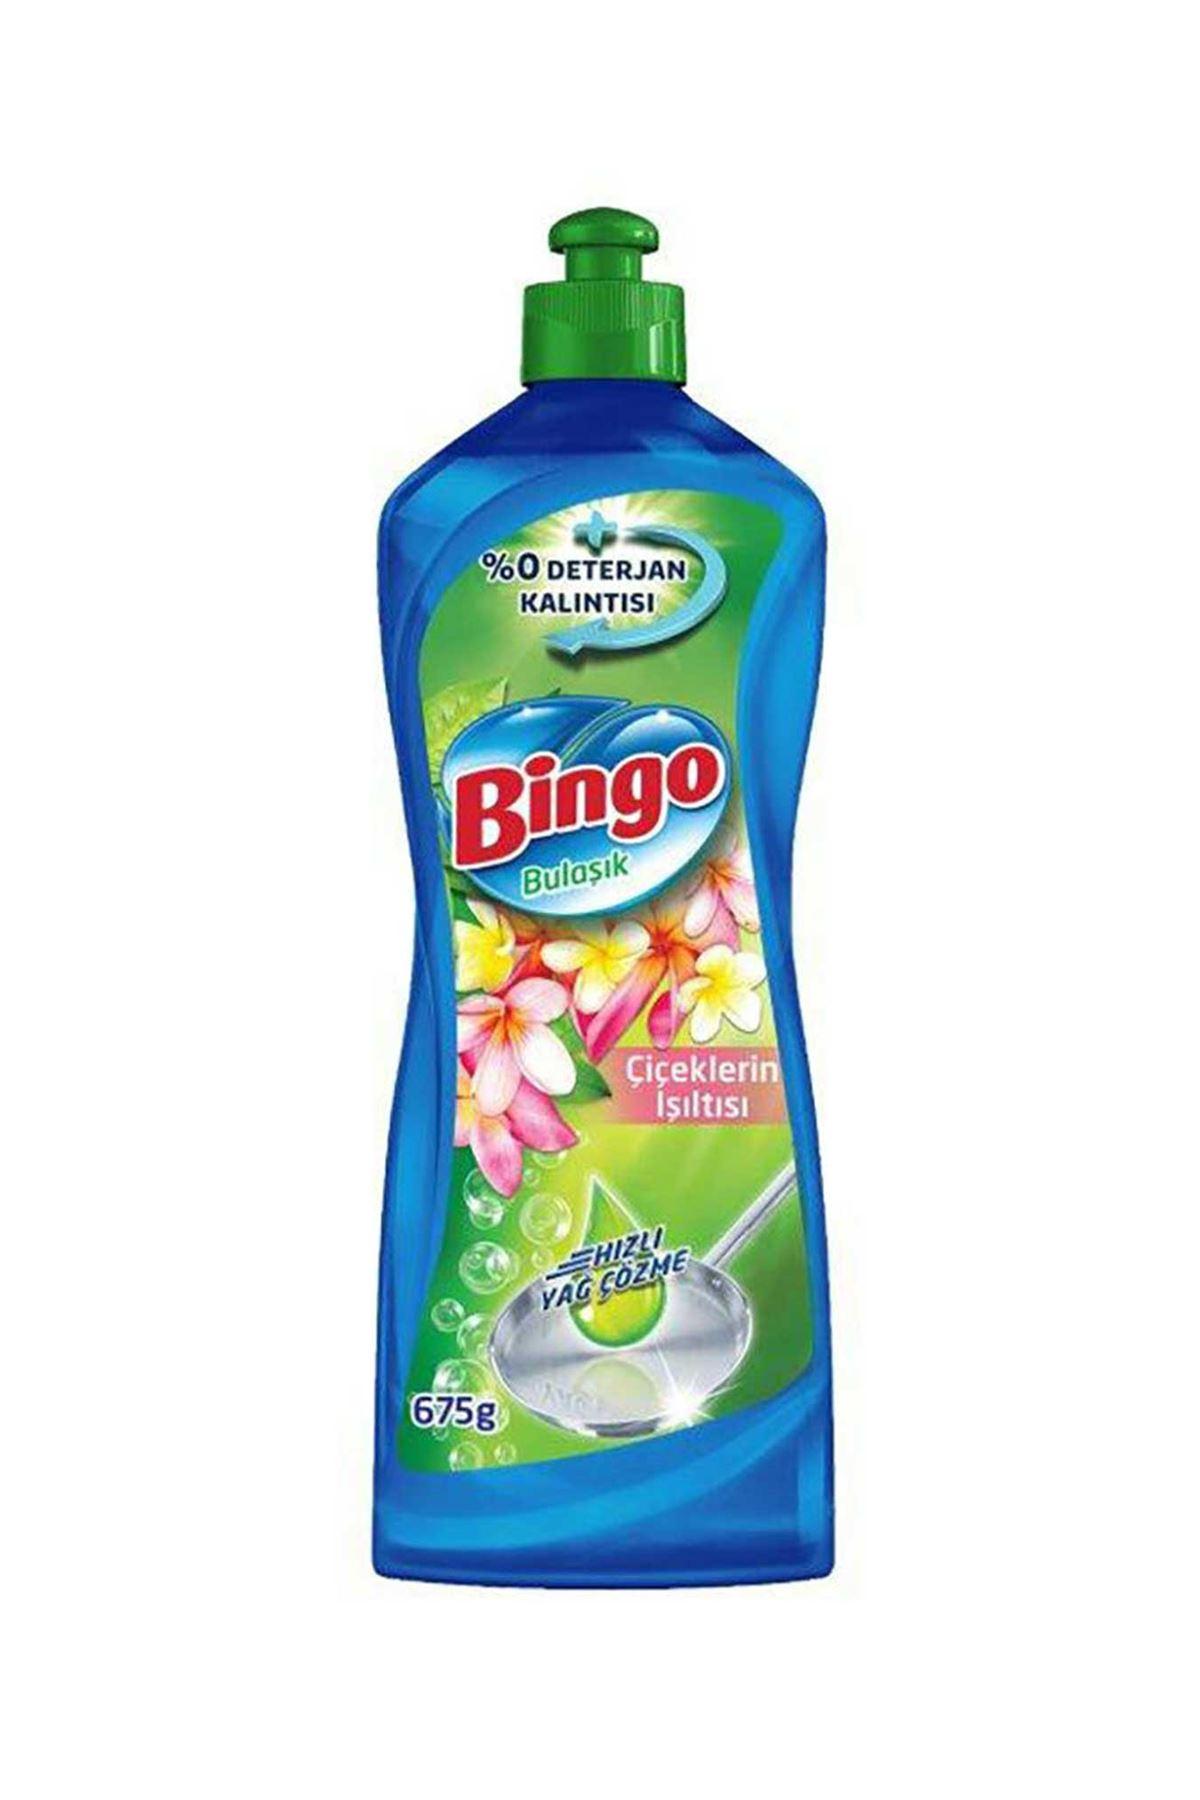 Bingo Sıvı Bulaşık Deterjanı Çiçeklerin Işıltısı 675 Ml